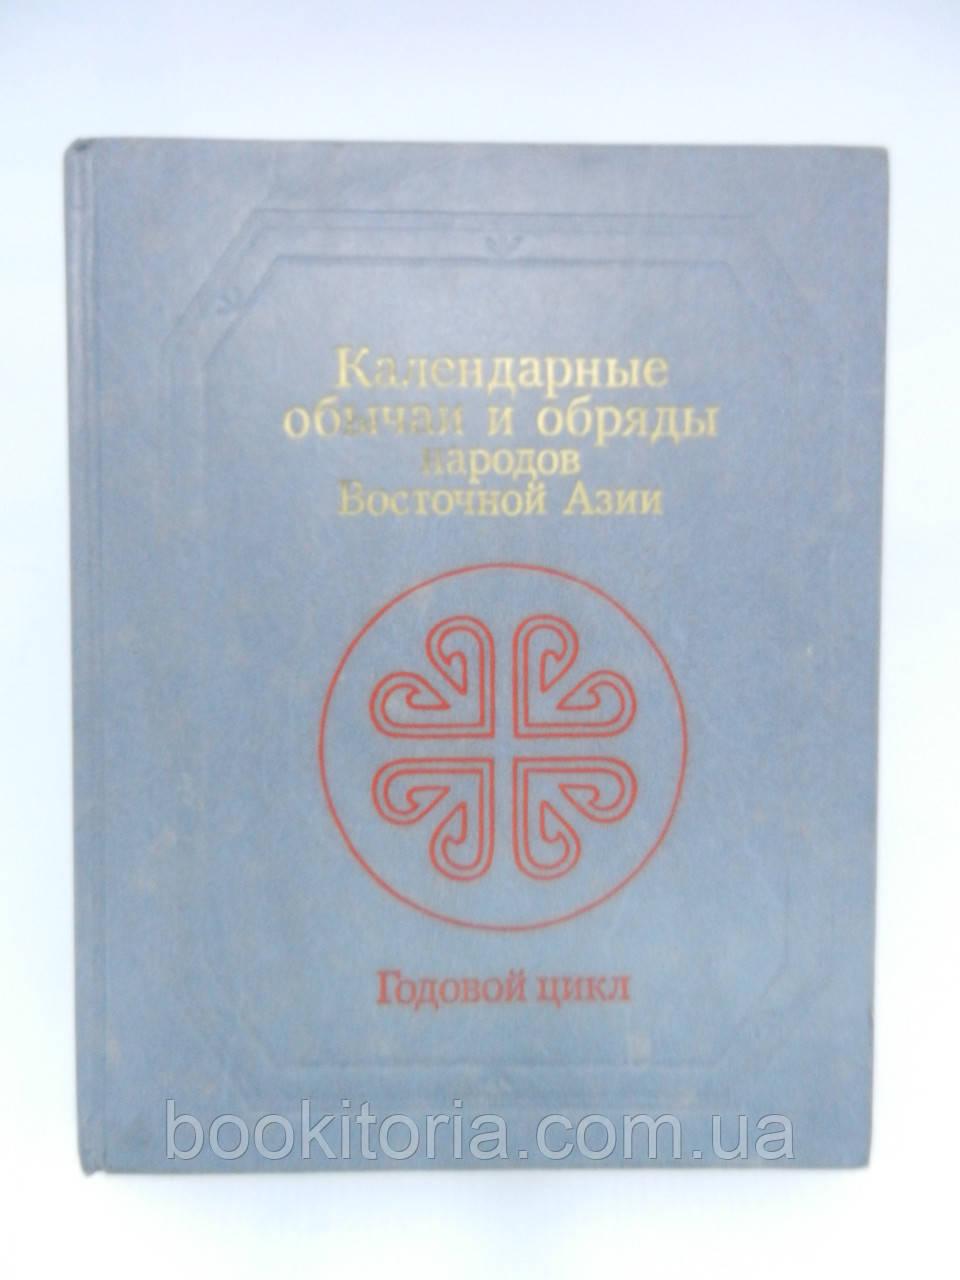 Календарные обычаи и обряды народов Восточной Азии. Годовой цикл (б/у).